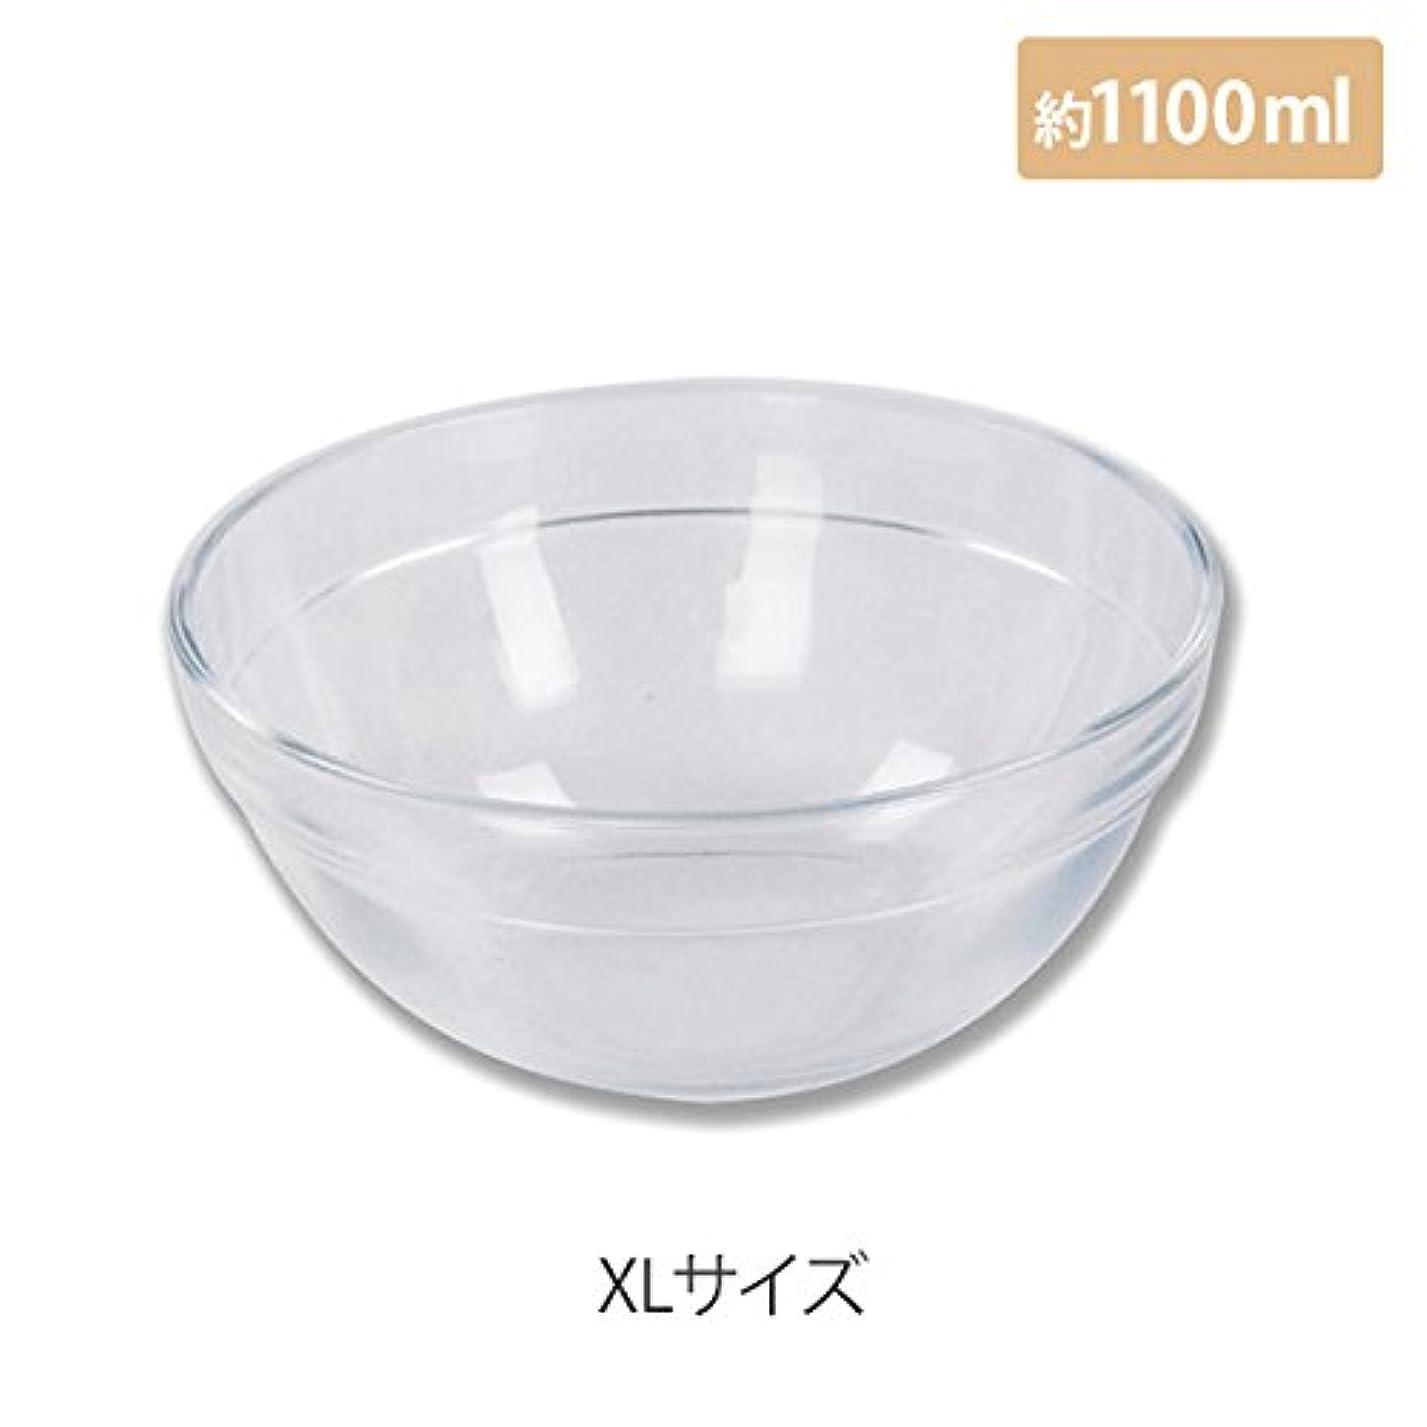 十分です人物届けるマイスター プラスティックボウル (XLサイズ) クリア 直径20cm [ プラスチックボール カップボウル カップボール エステ サロン プラスチック ボウル カップ 割れない ]